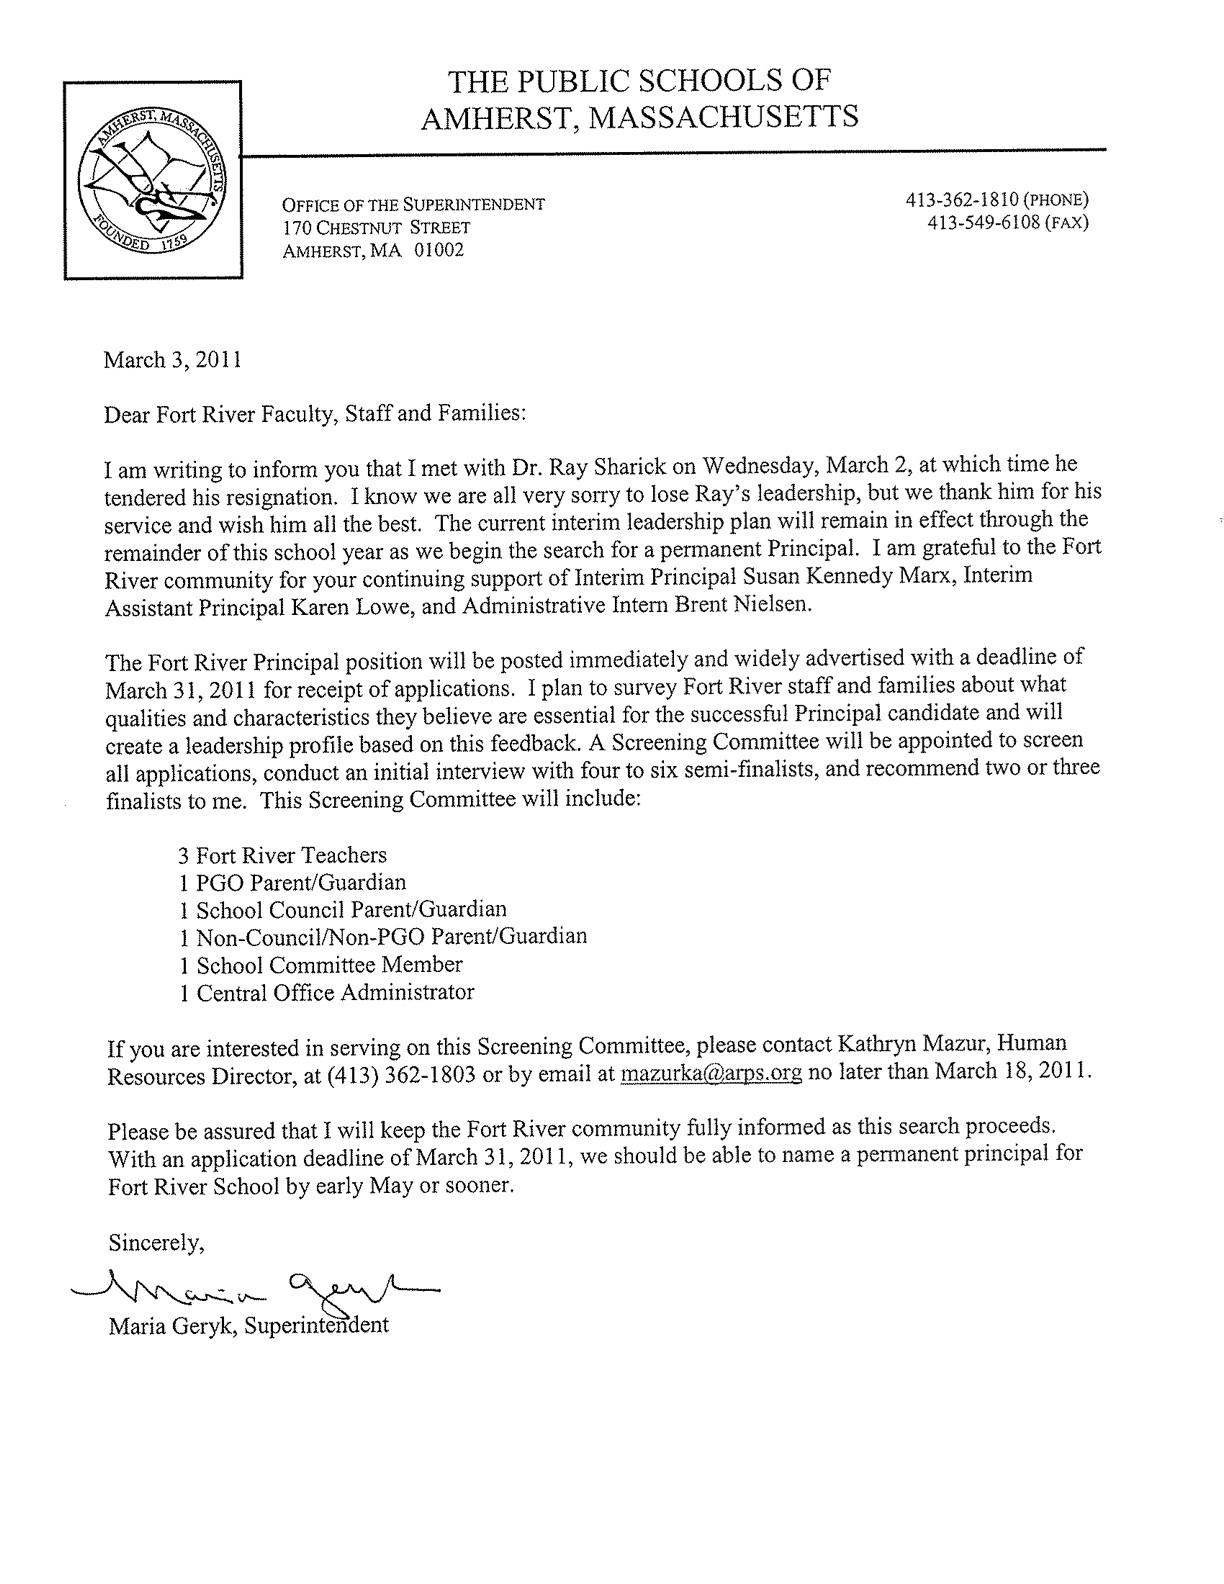 Resignation Letter For Volunteer Firefighter